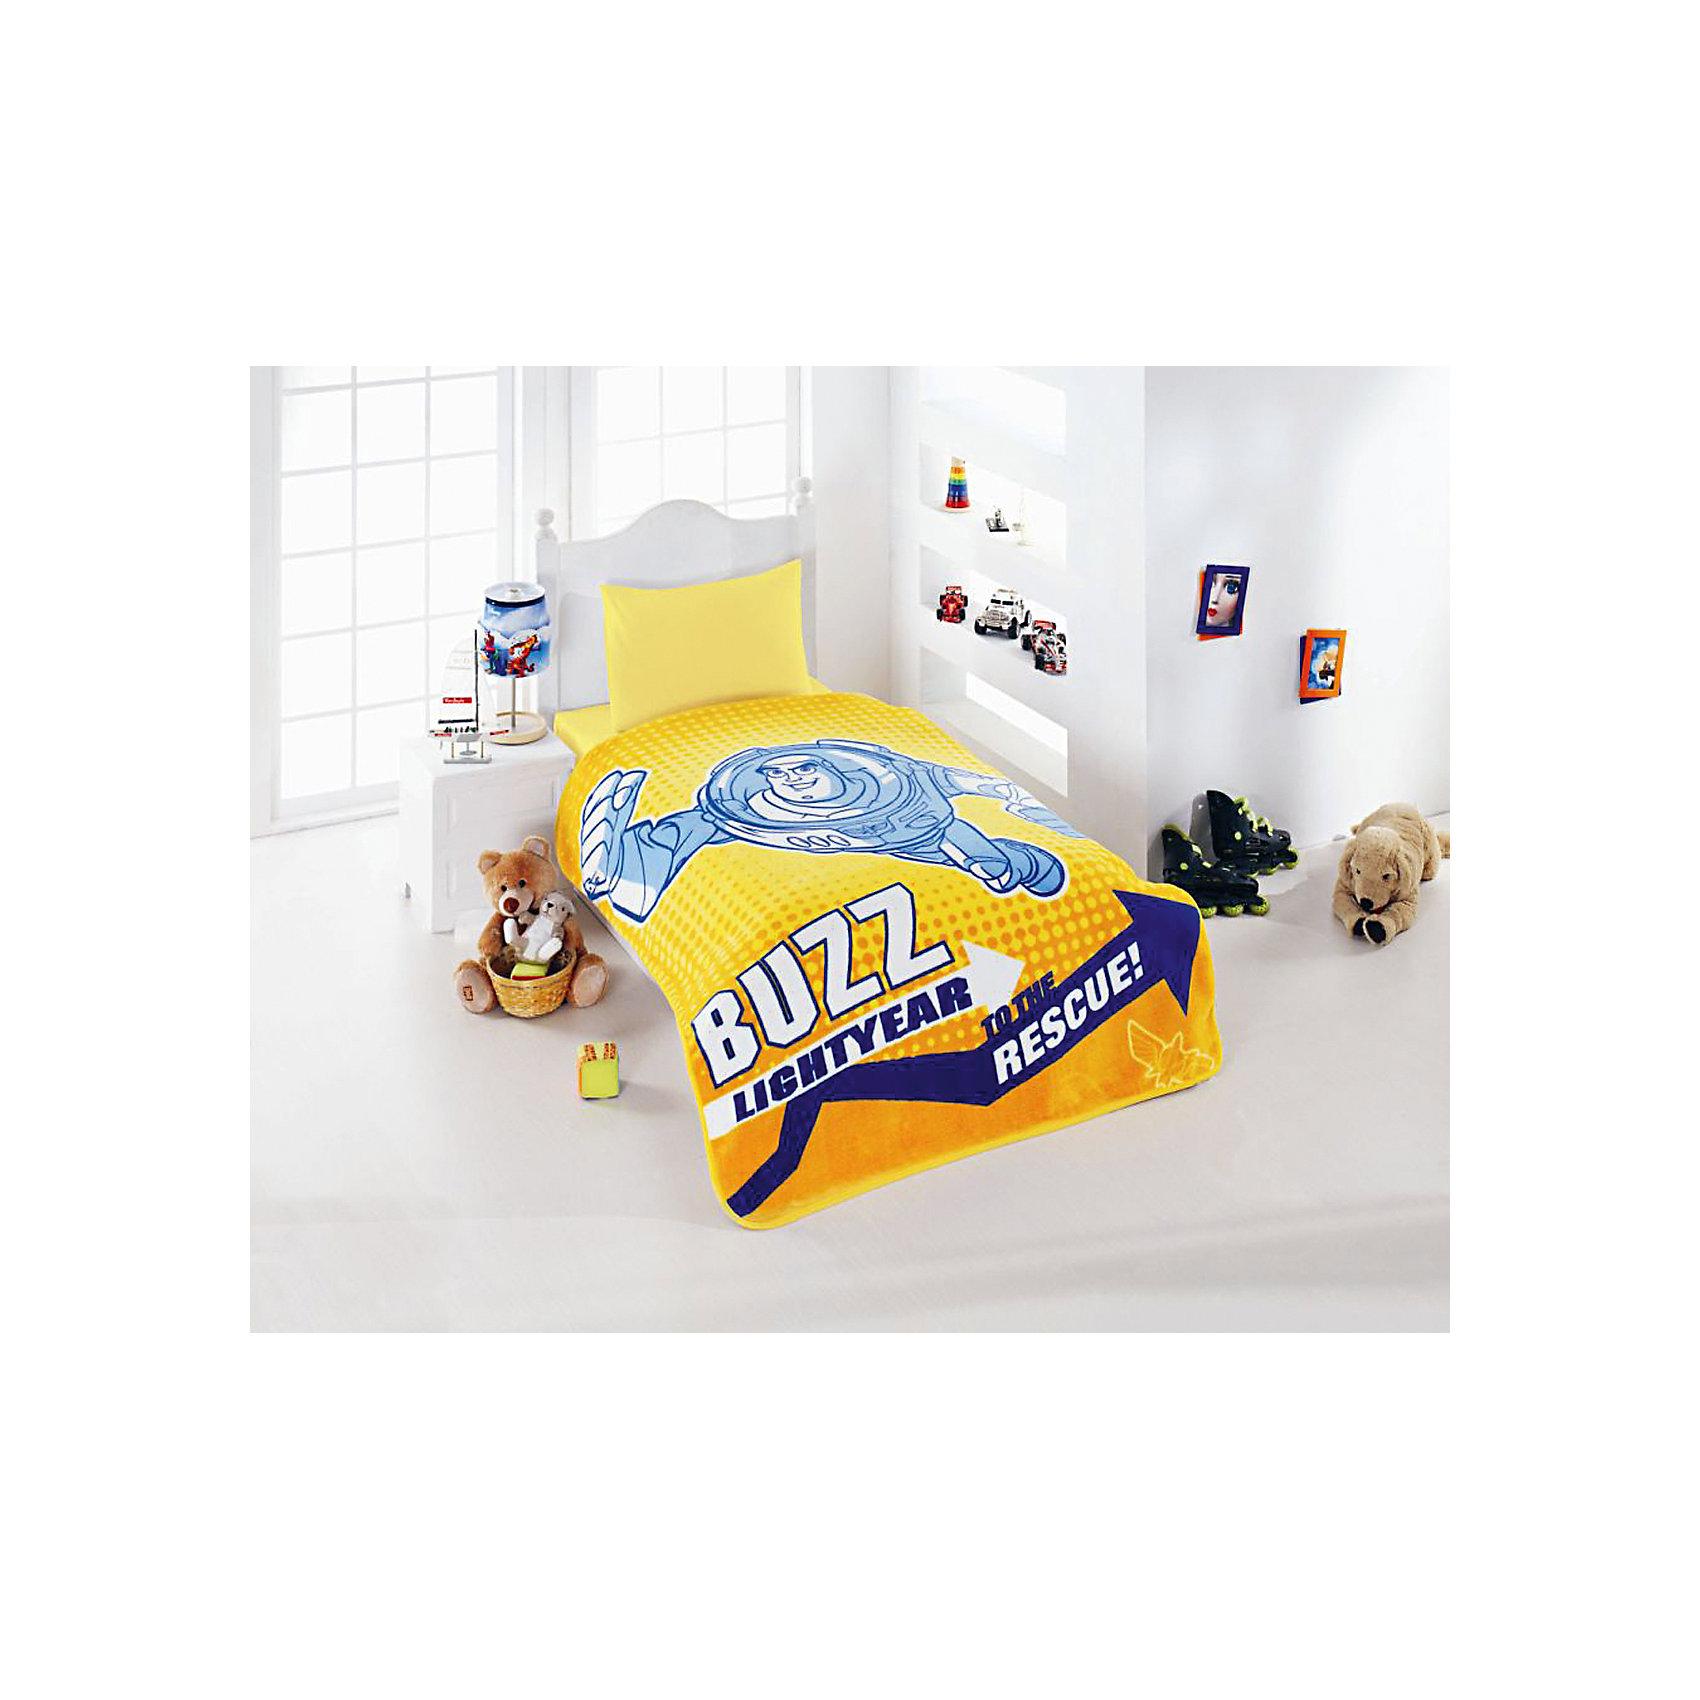 Плед детский 1,5 сп. лицензированный,TOY STORY3, TAC, желтыйДомашний текстиль<br>Характеристики товара: <br><br>• размер: 160х220см;<br>• общий размер: 1.5-спальный;<br>• материал: коралловый флис (акрил, полиэстер) ;<br>• цвет: желтый;<br>• страна бренда: Турция;<br>• страна производитель: Турция.<br><br>Этот плед от турецкого бренда TAC (ТАЧ) отлично подойдёт для мальчиков, которым нравится популярный мультфильм «Тачки». Все материалы, которые входят в состав этого комплекта, гипоаллергенны и не вызывают неприятных ощущений. <br><br>Ткань отличается своей плотностью и не боится воды. Ворс у такого материала отличается своим объемом и мягкостью.  Ткань благодаря специальному составу не электризуется.<br><br>Такой плед очень устойчив к частым стиркам, его рекомендуется стирать обычным стиральным порошком. <br>Волшебный мир любимых детских мультфильмов будет всегда создавать уют и радовать ребенка.<br><br>Детский Плед TOY STORY3 (Той Стори3) можно купить в нашем интернет-магазине.<br><br>Ширина мм: 390<br>Глубина мм: 80<br>Высота мм: 360<br>Вес г: 2300<br>Возраст от месяцев: 36<br>Возраст до месяцев: 144<br>Пол: Мужской<br>Возраст: Детский<br>SKU: 6849324